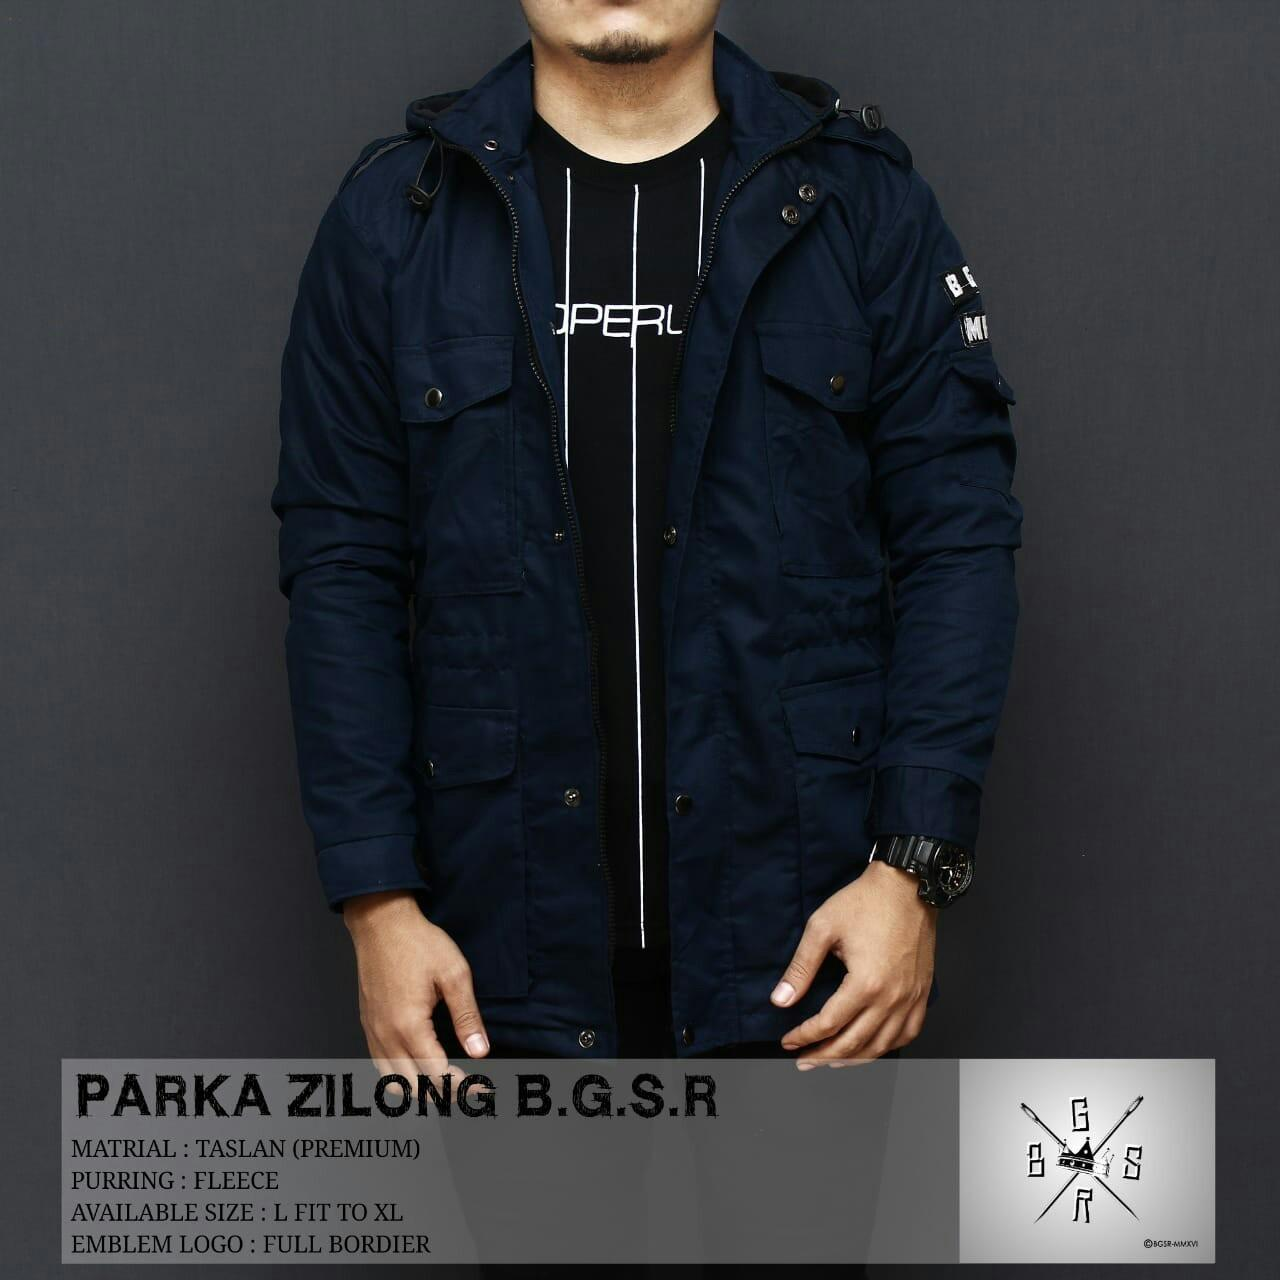 BGSR Jaket Parka Zilong - Navy - 2 ...